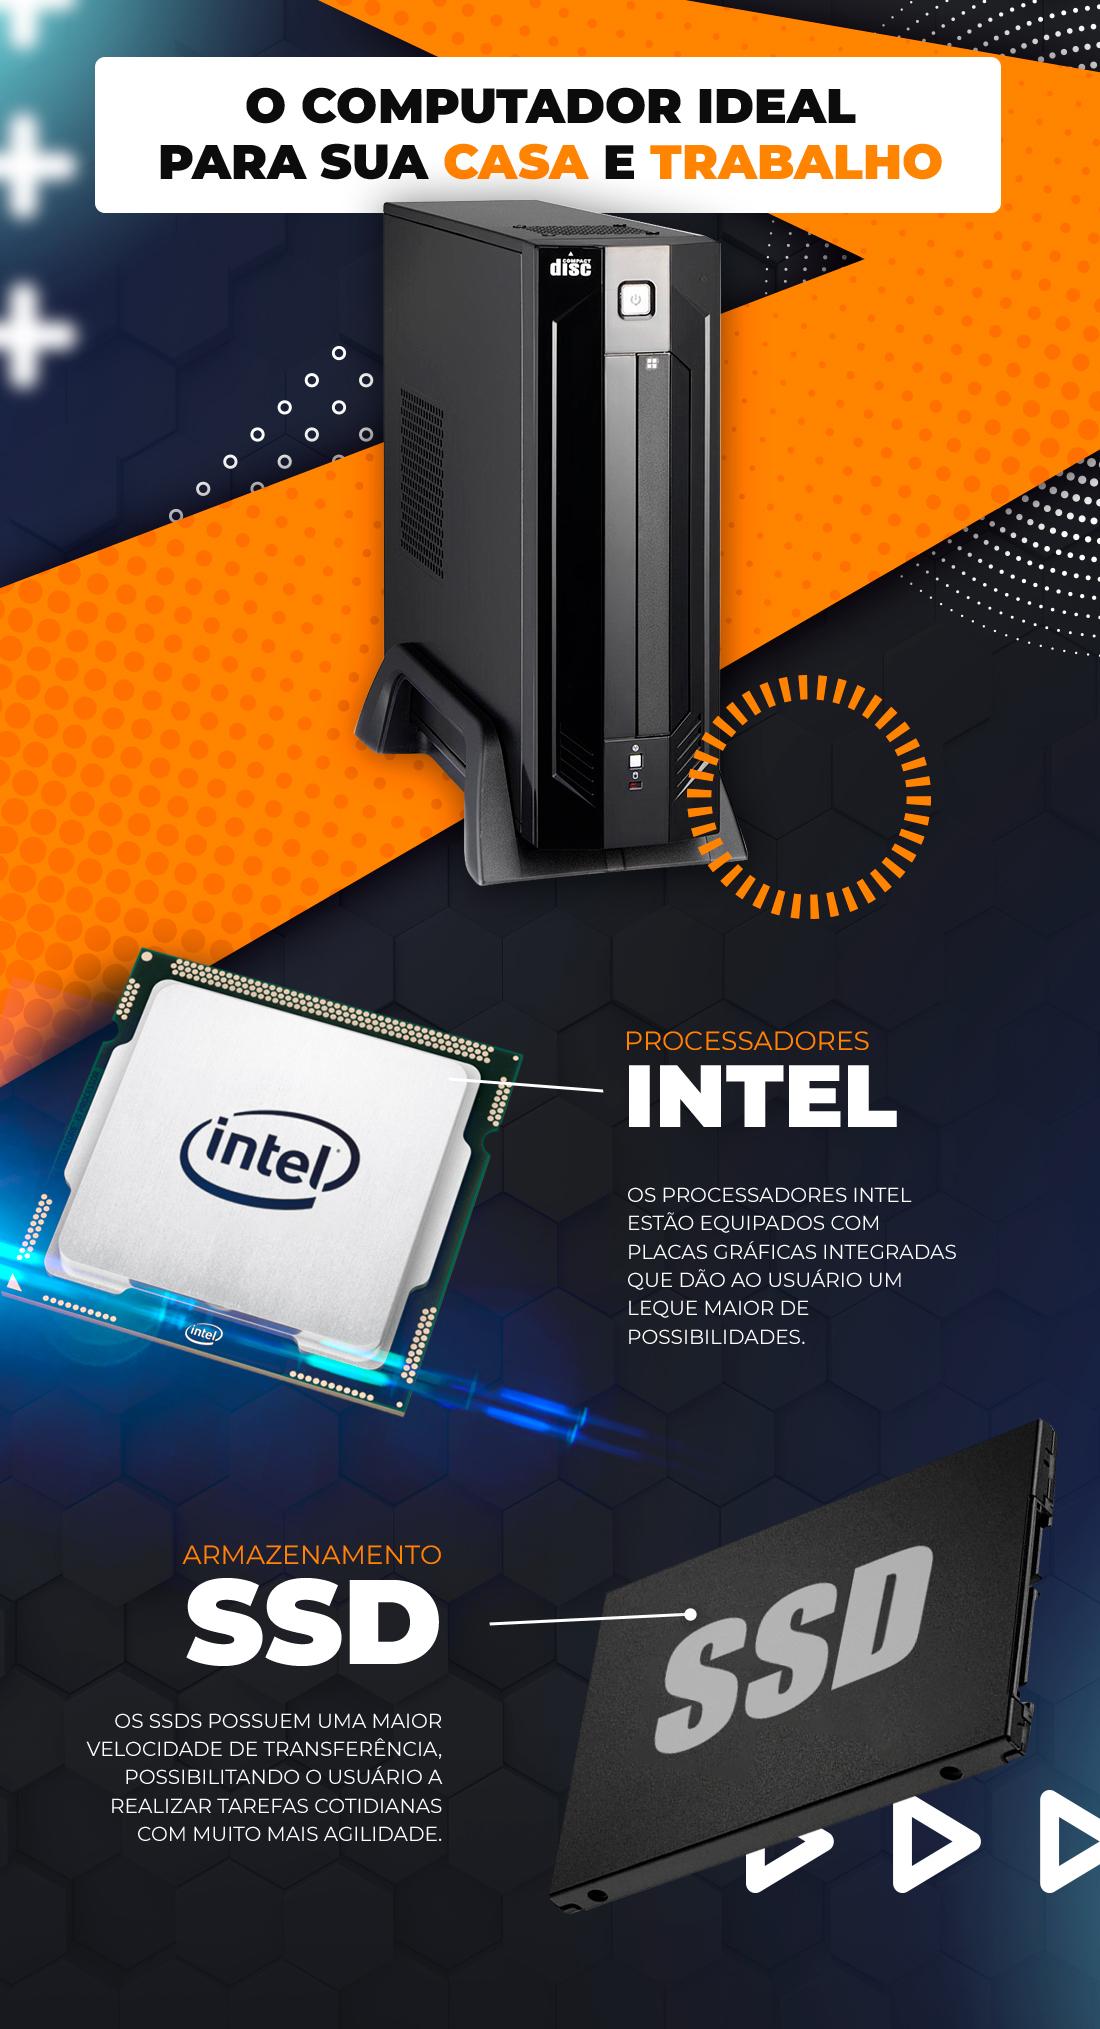 ntc-intel-j1800-01